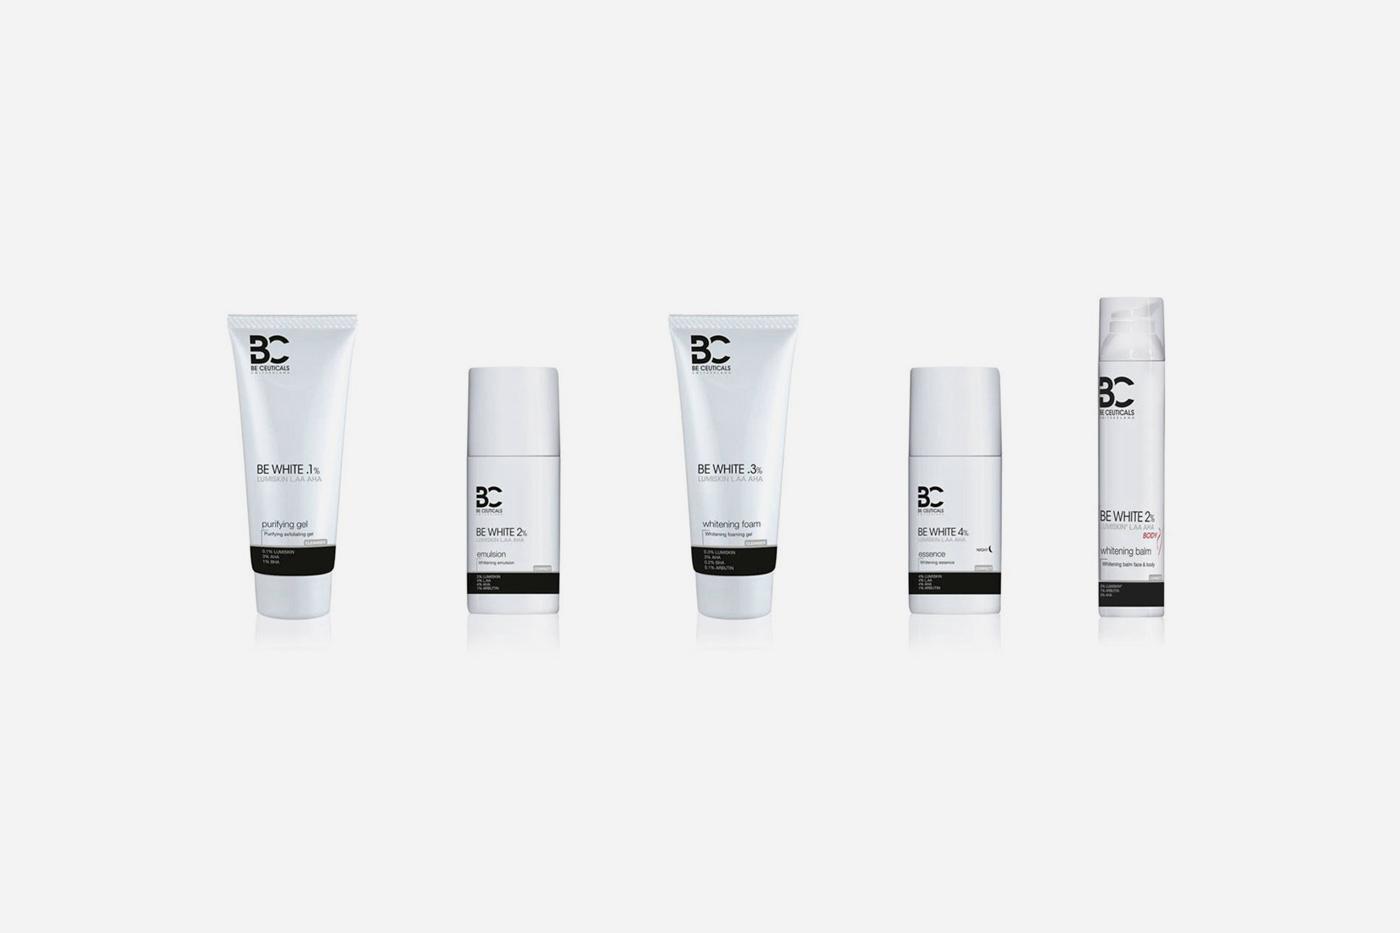 Kosmetyki be white beceuticals